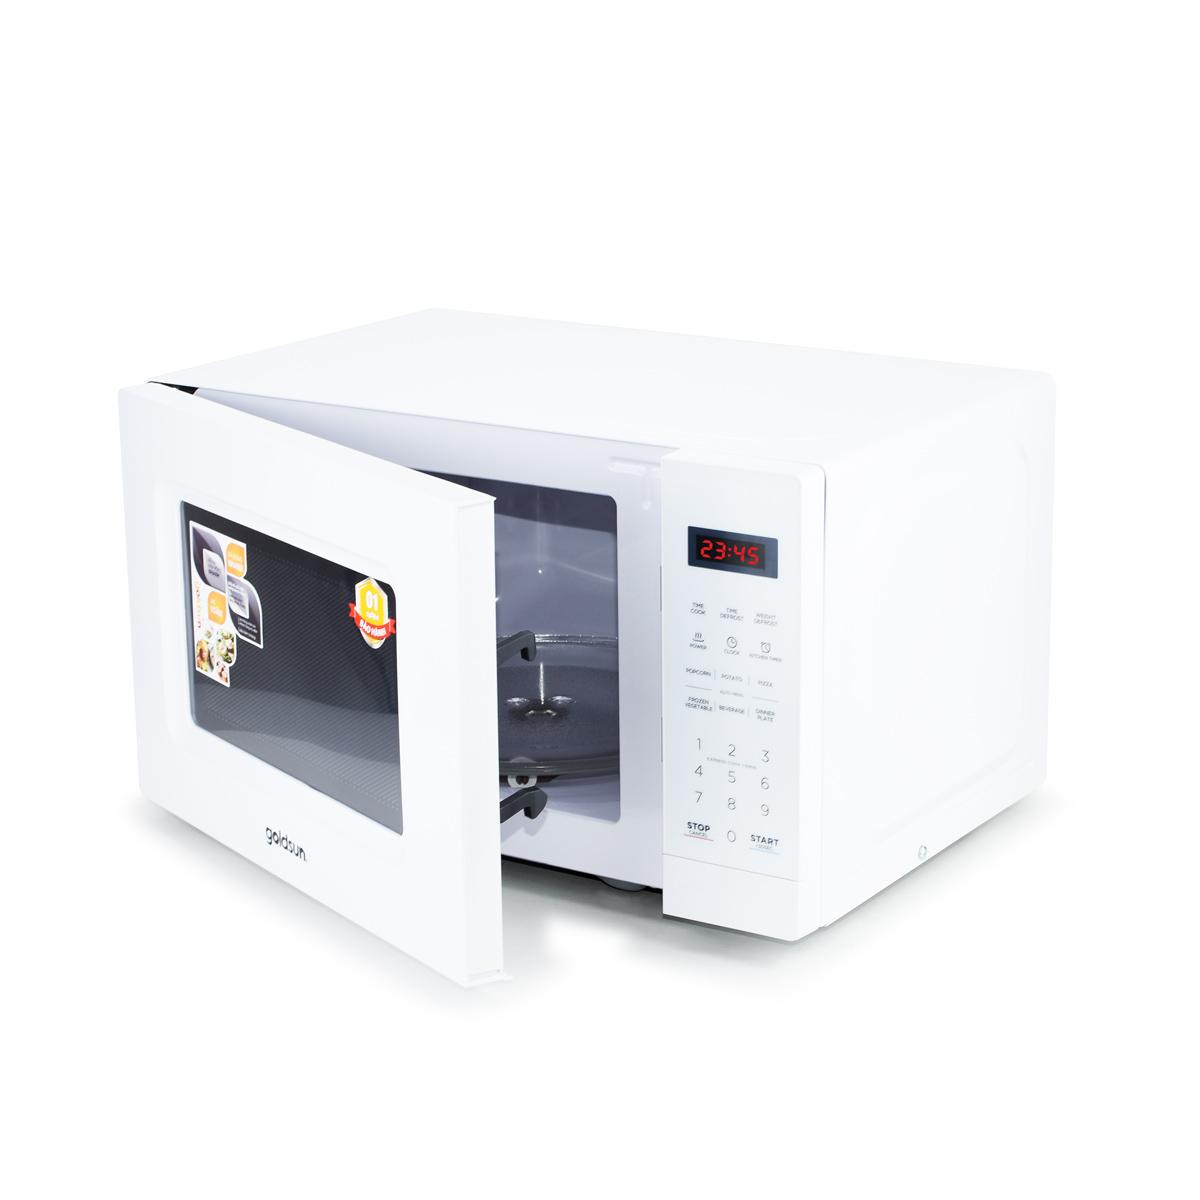 Lò vi sóng Goldsun CK2401 - Điện tử 20L ( Hàng chính hãng)